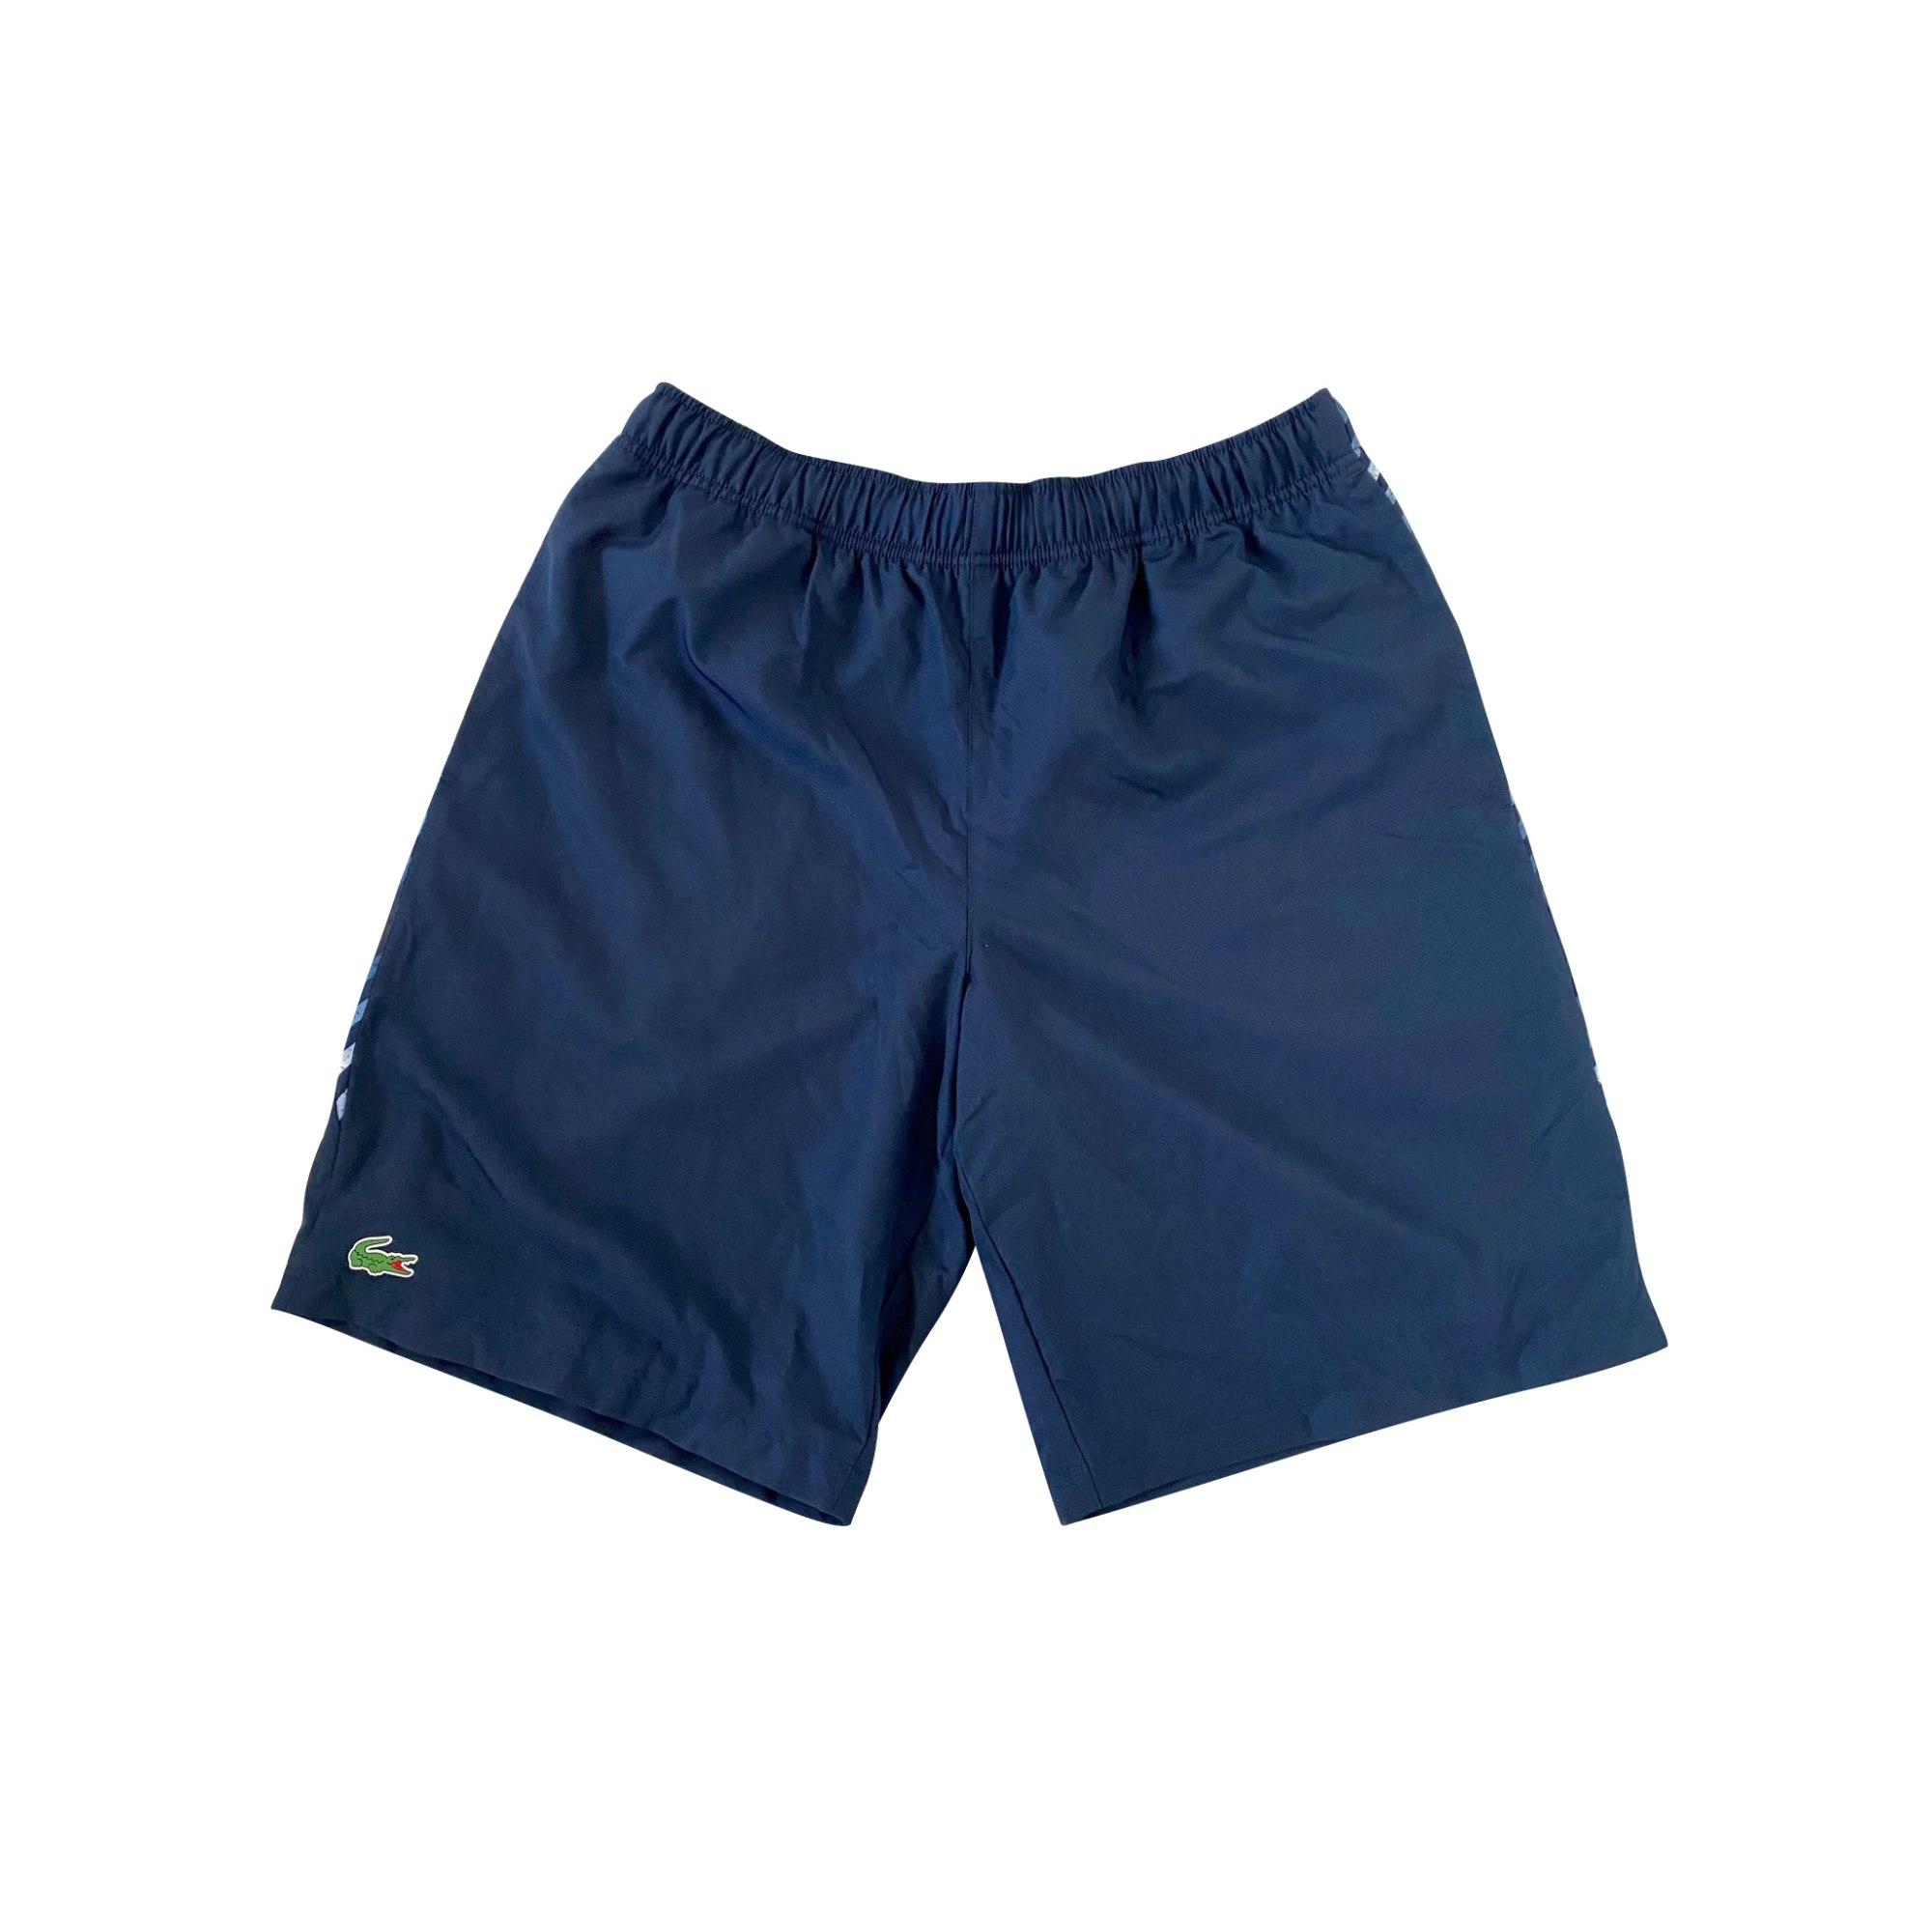 Shorts LACOSTE Blau, marineblau, türkisblau